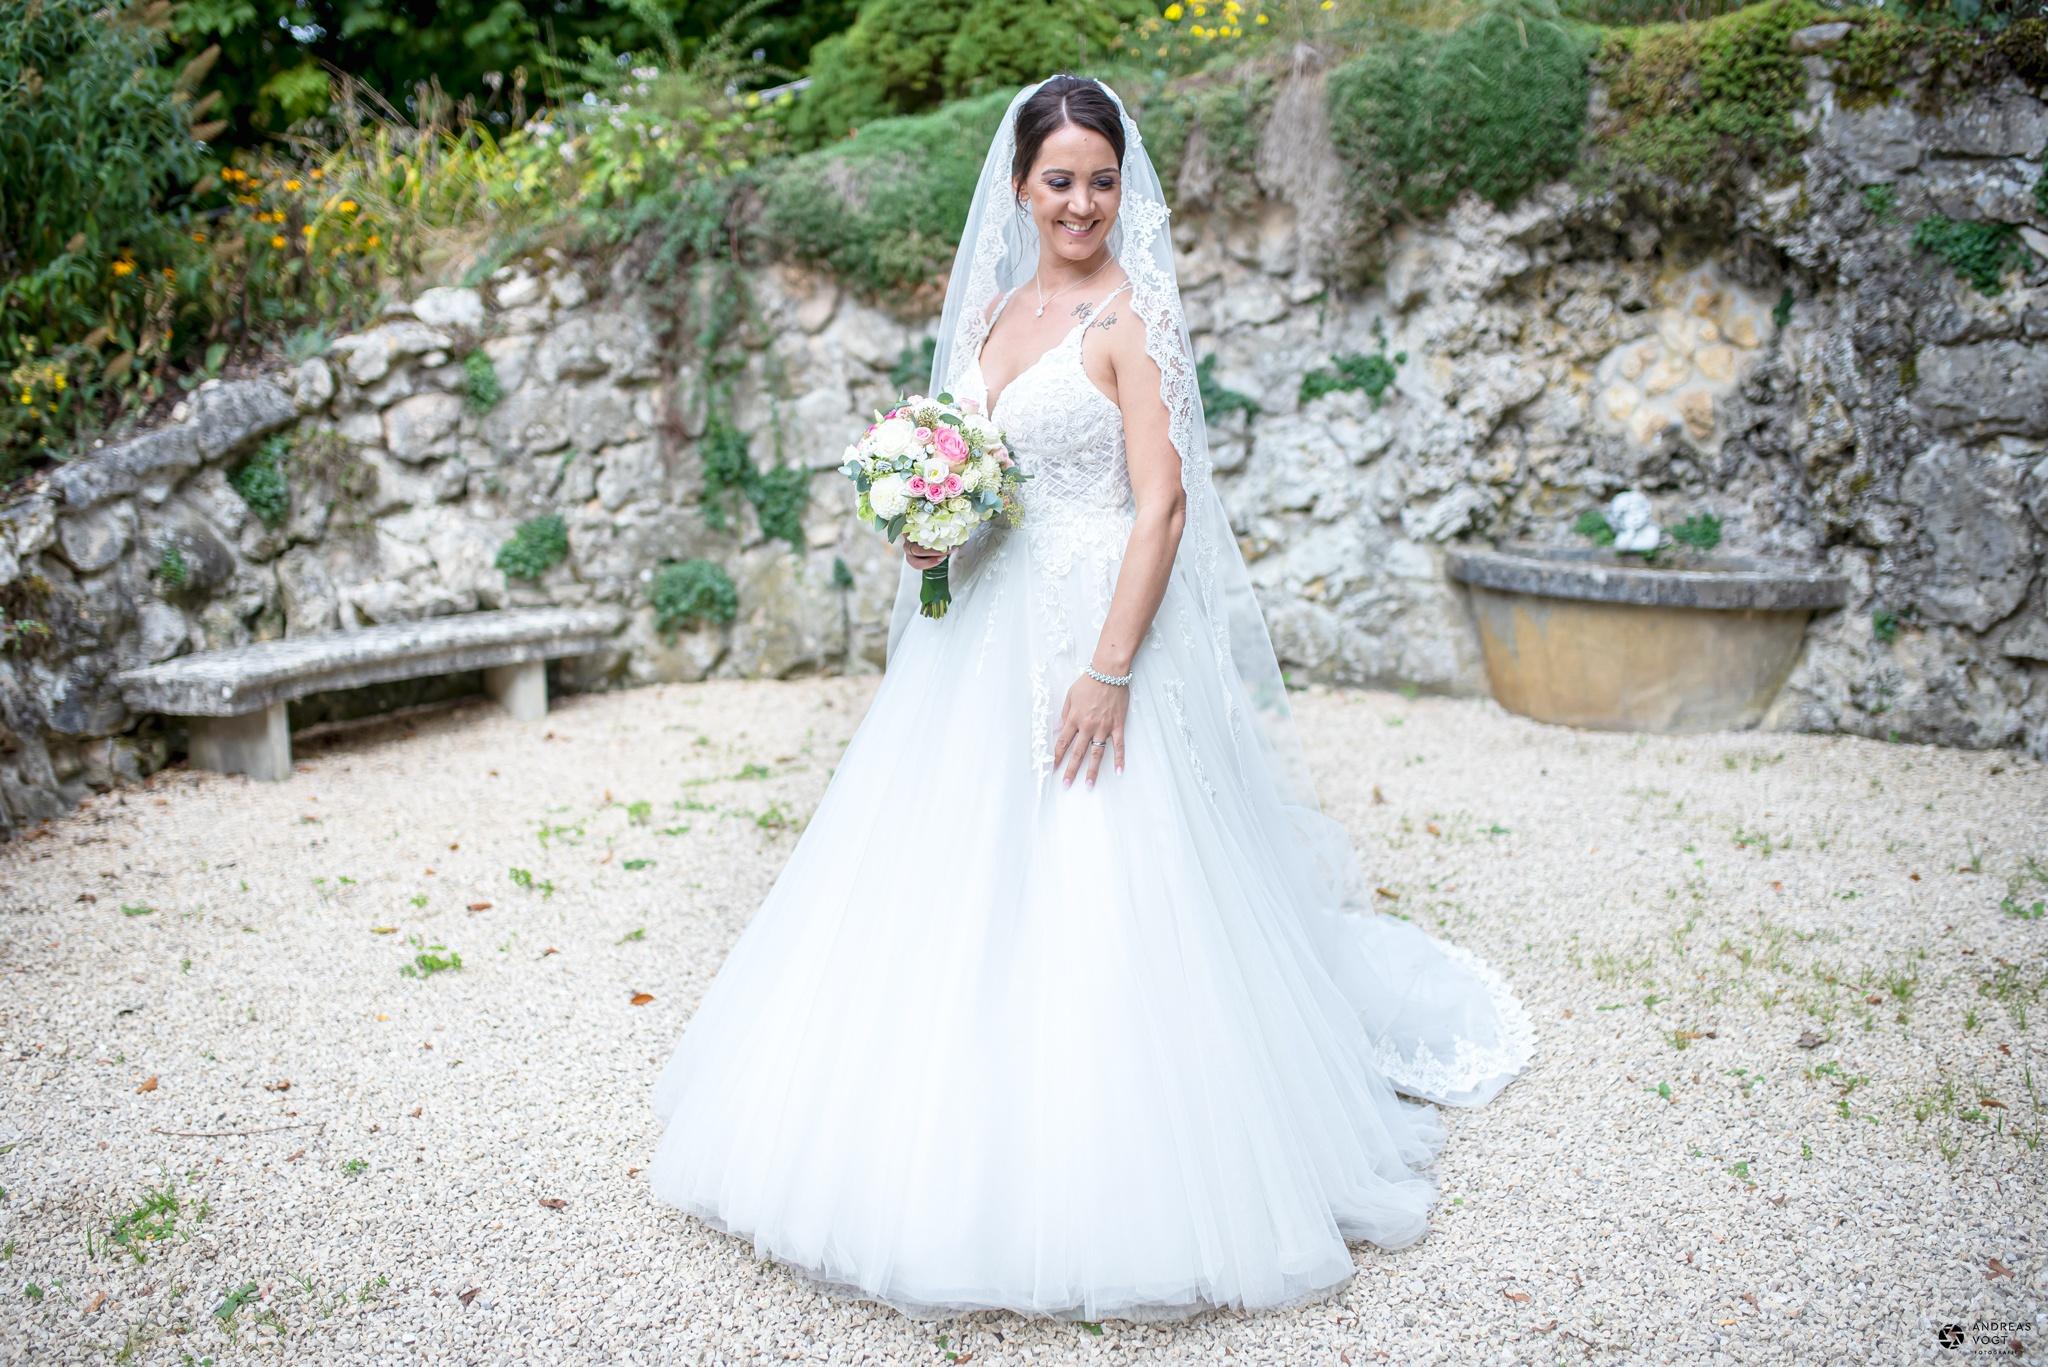 Fotoshooting mit der Braut